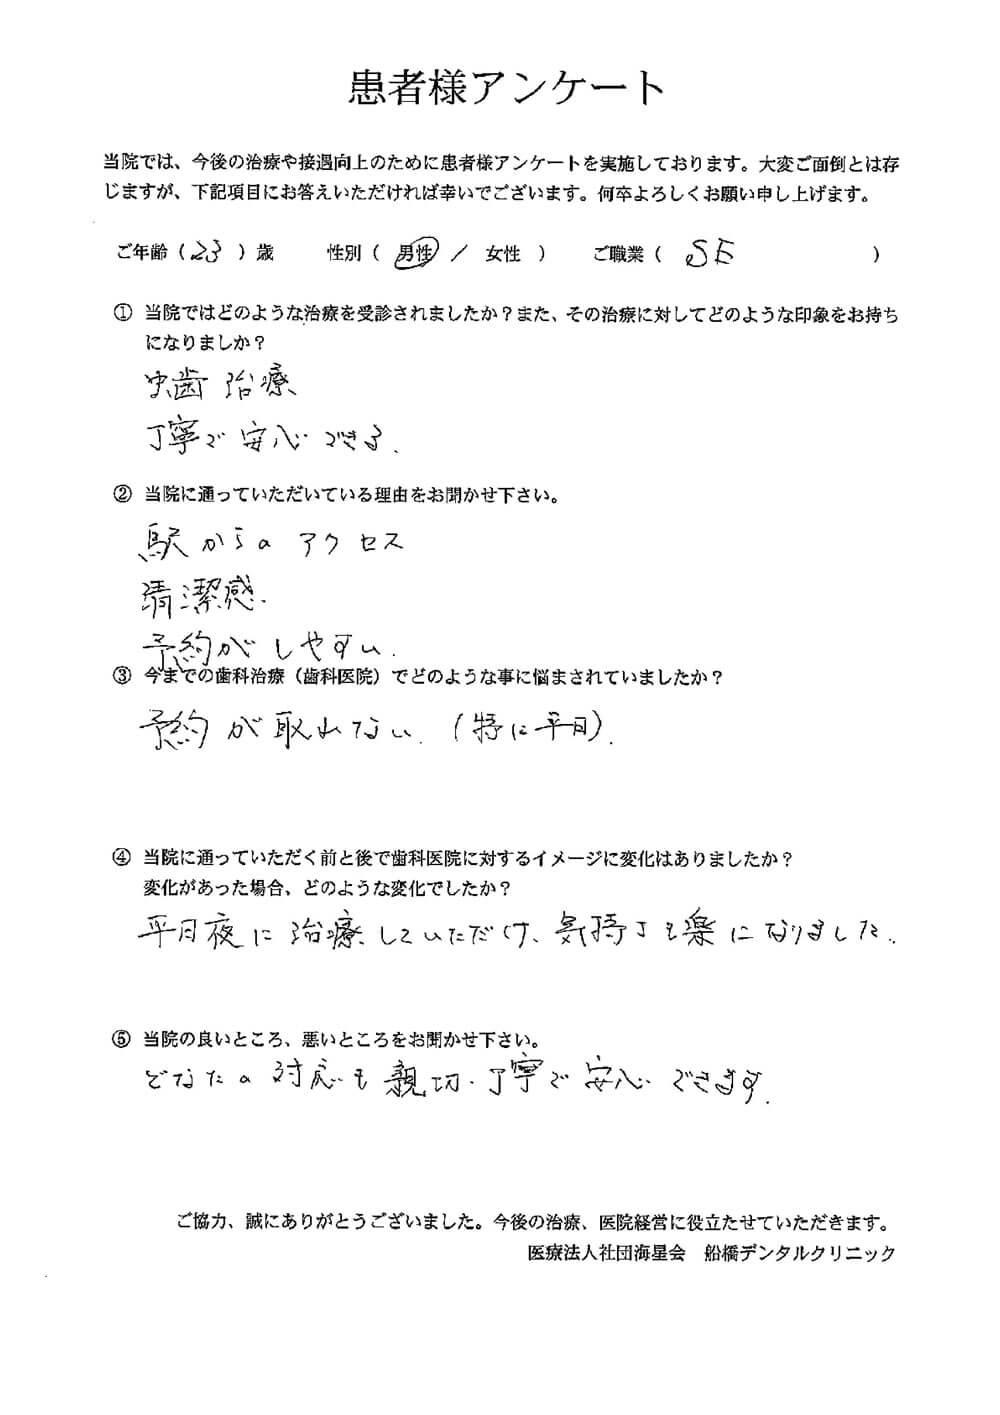 船橋デンタルクリニックの口コミ・評判アンケート5